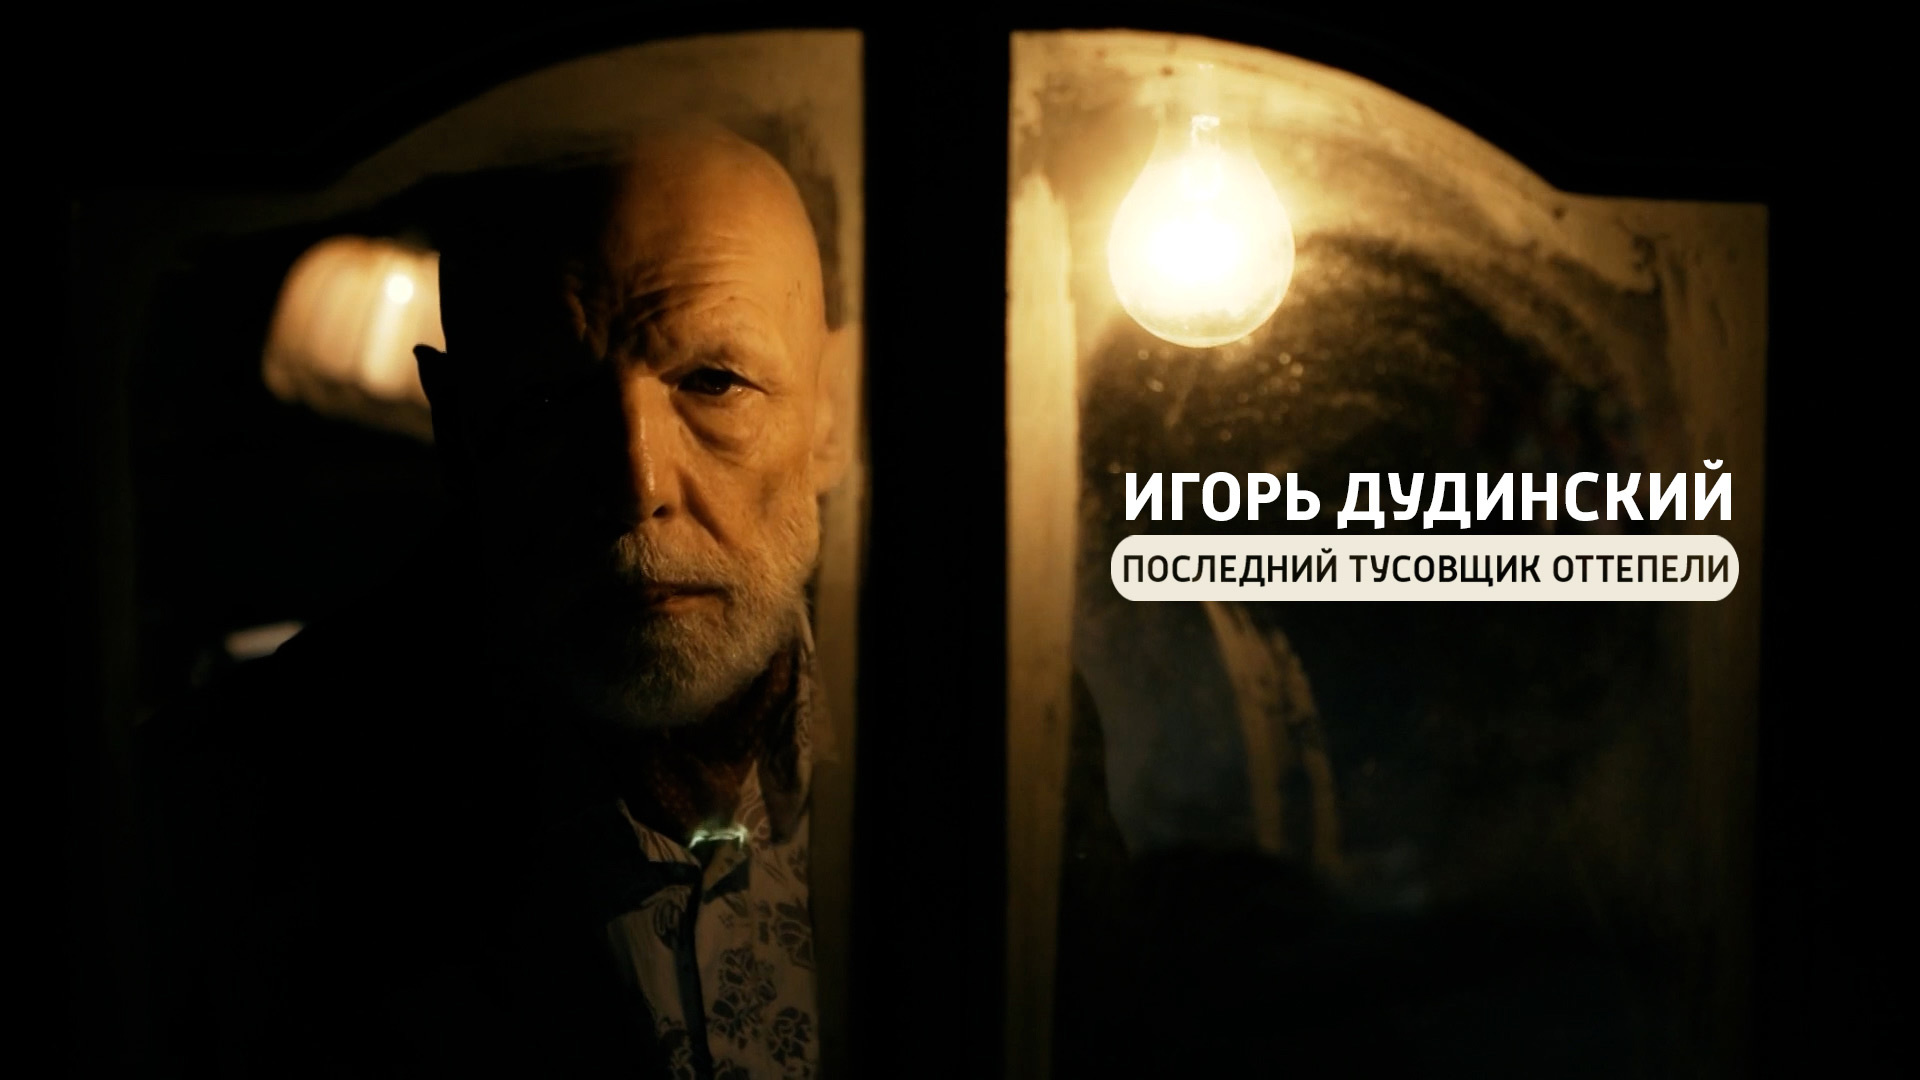 Игорь Дудинский. Последний тусовщик оттепели